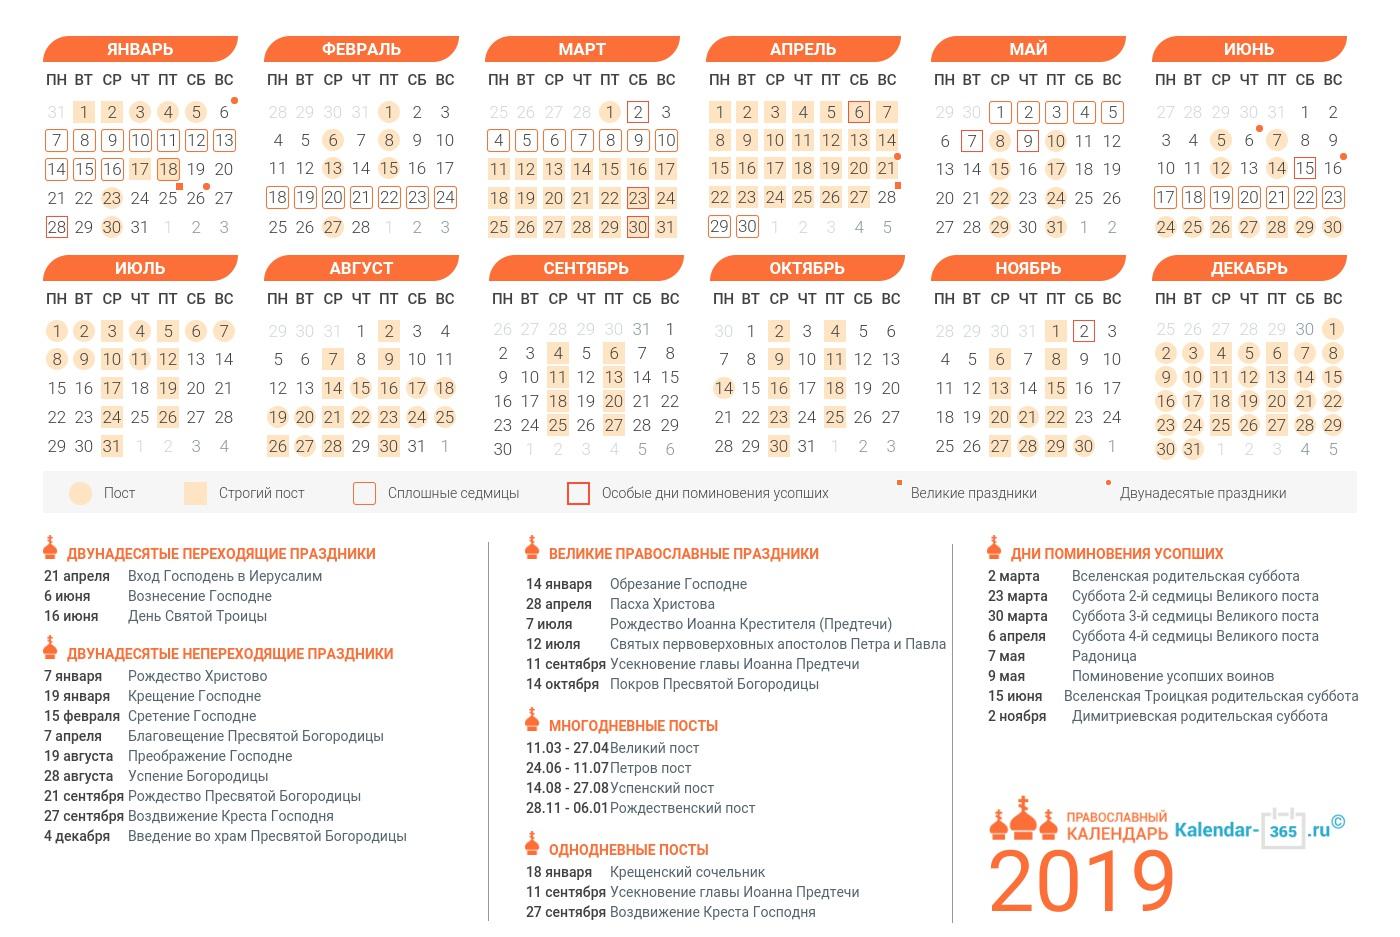 Церковный православный календарь на октябрь 2019 года